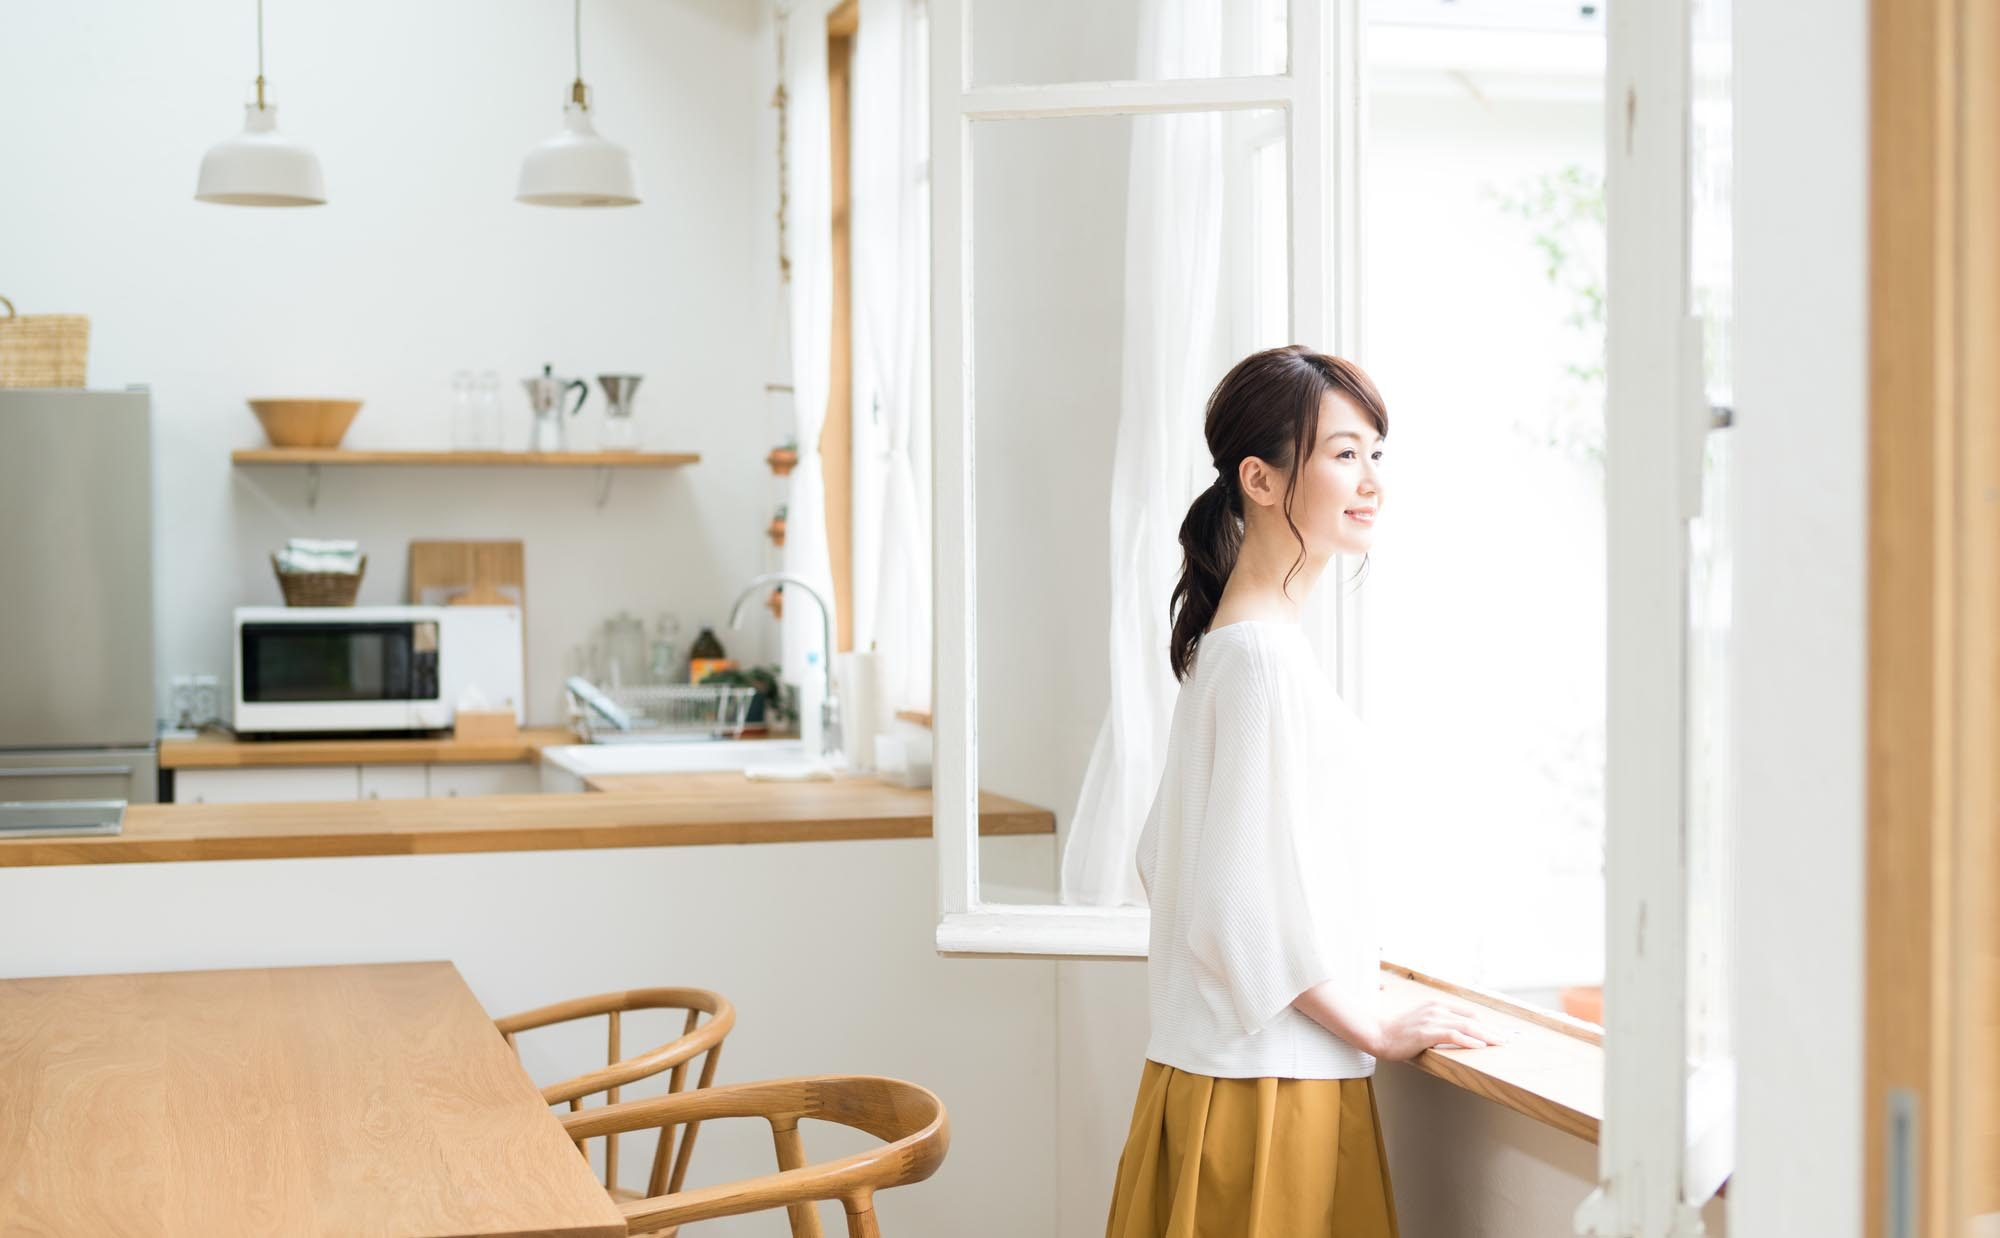 新居をきれいに保つには? 家事代行スタッフが語る、習慣化したいポイント